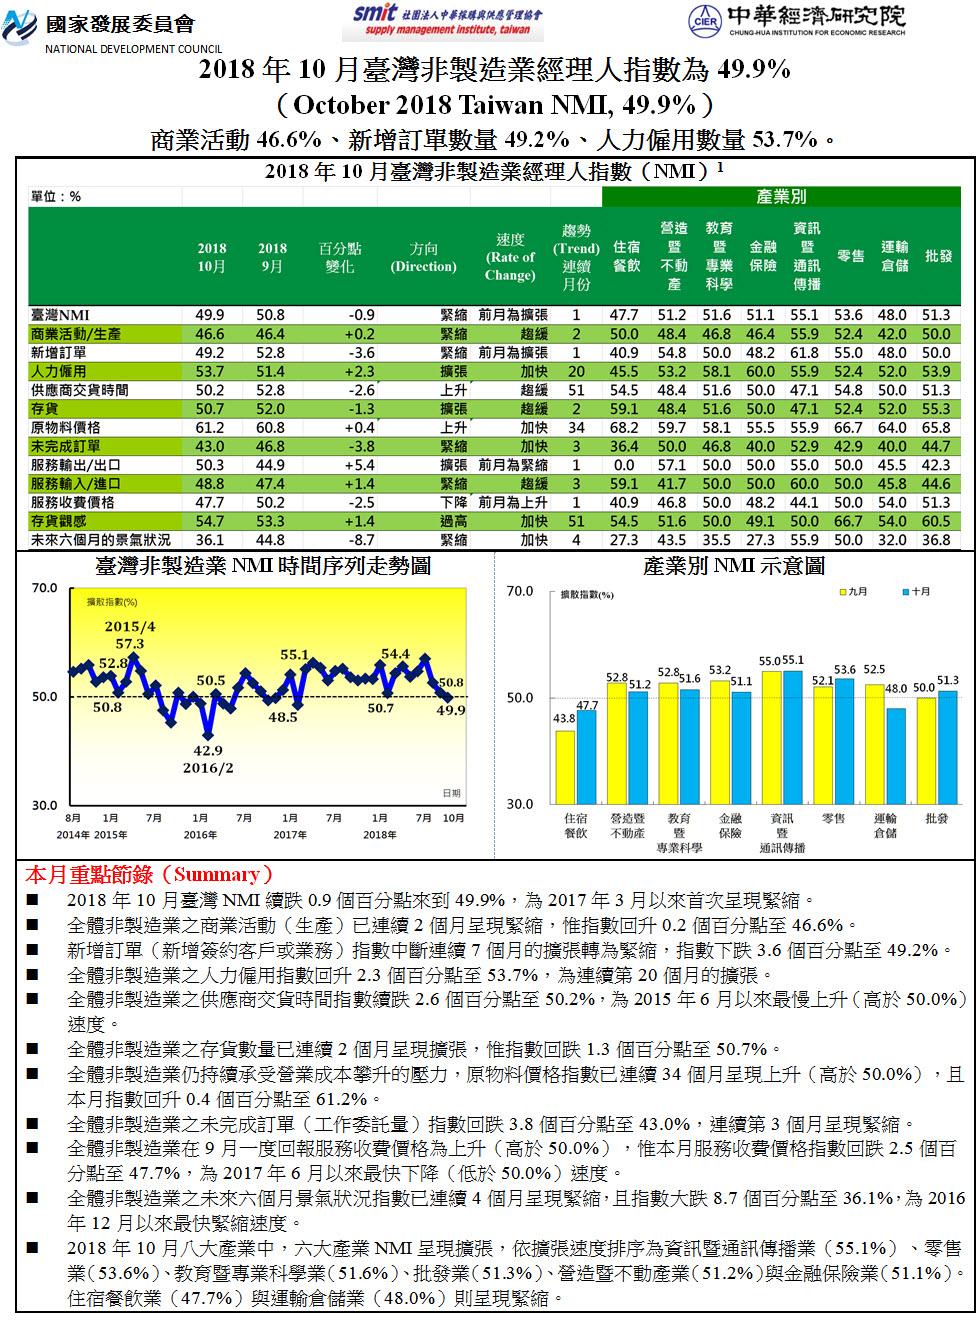 2018年10月臺灣非製造業經理人指數(NMI)